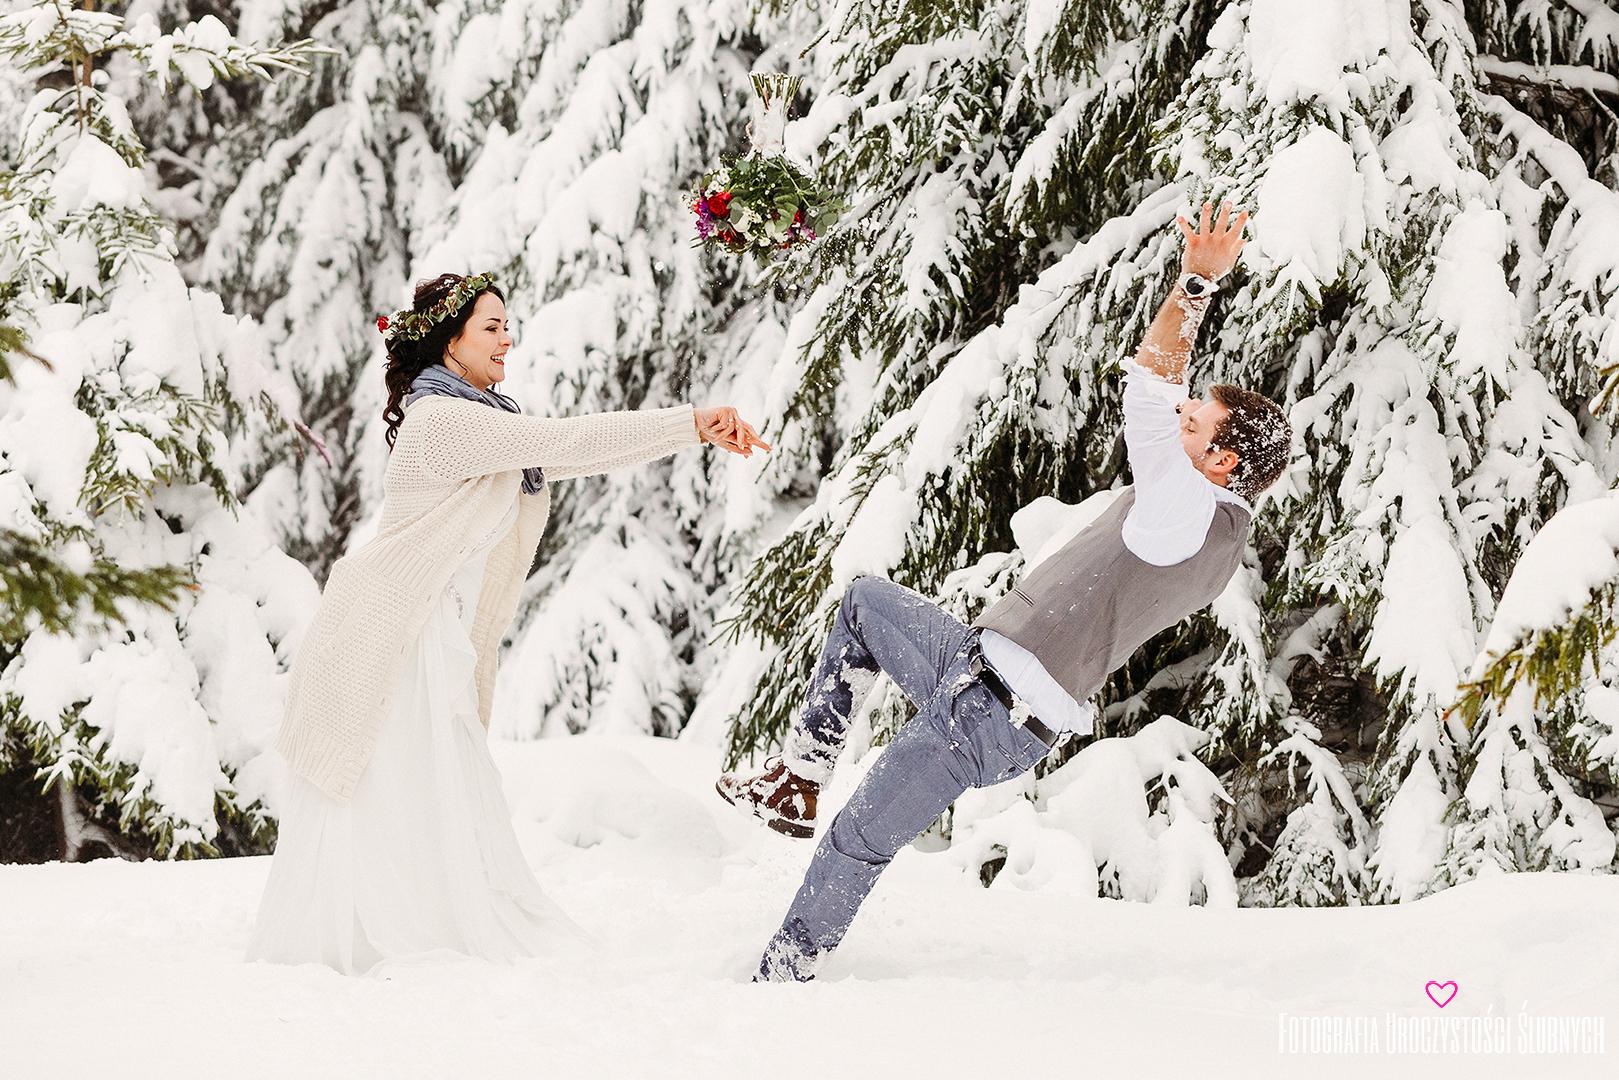 Przepiękne sesje narzeczeńskie oraz sesje ślubne plenerowe w lasach, górach; Zimowa sesja plenerowa w Karkonoszach